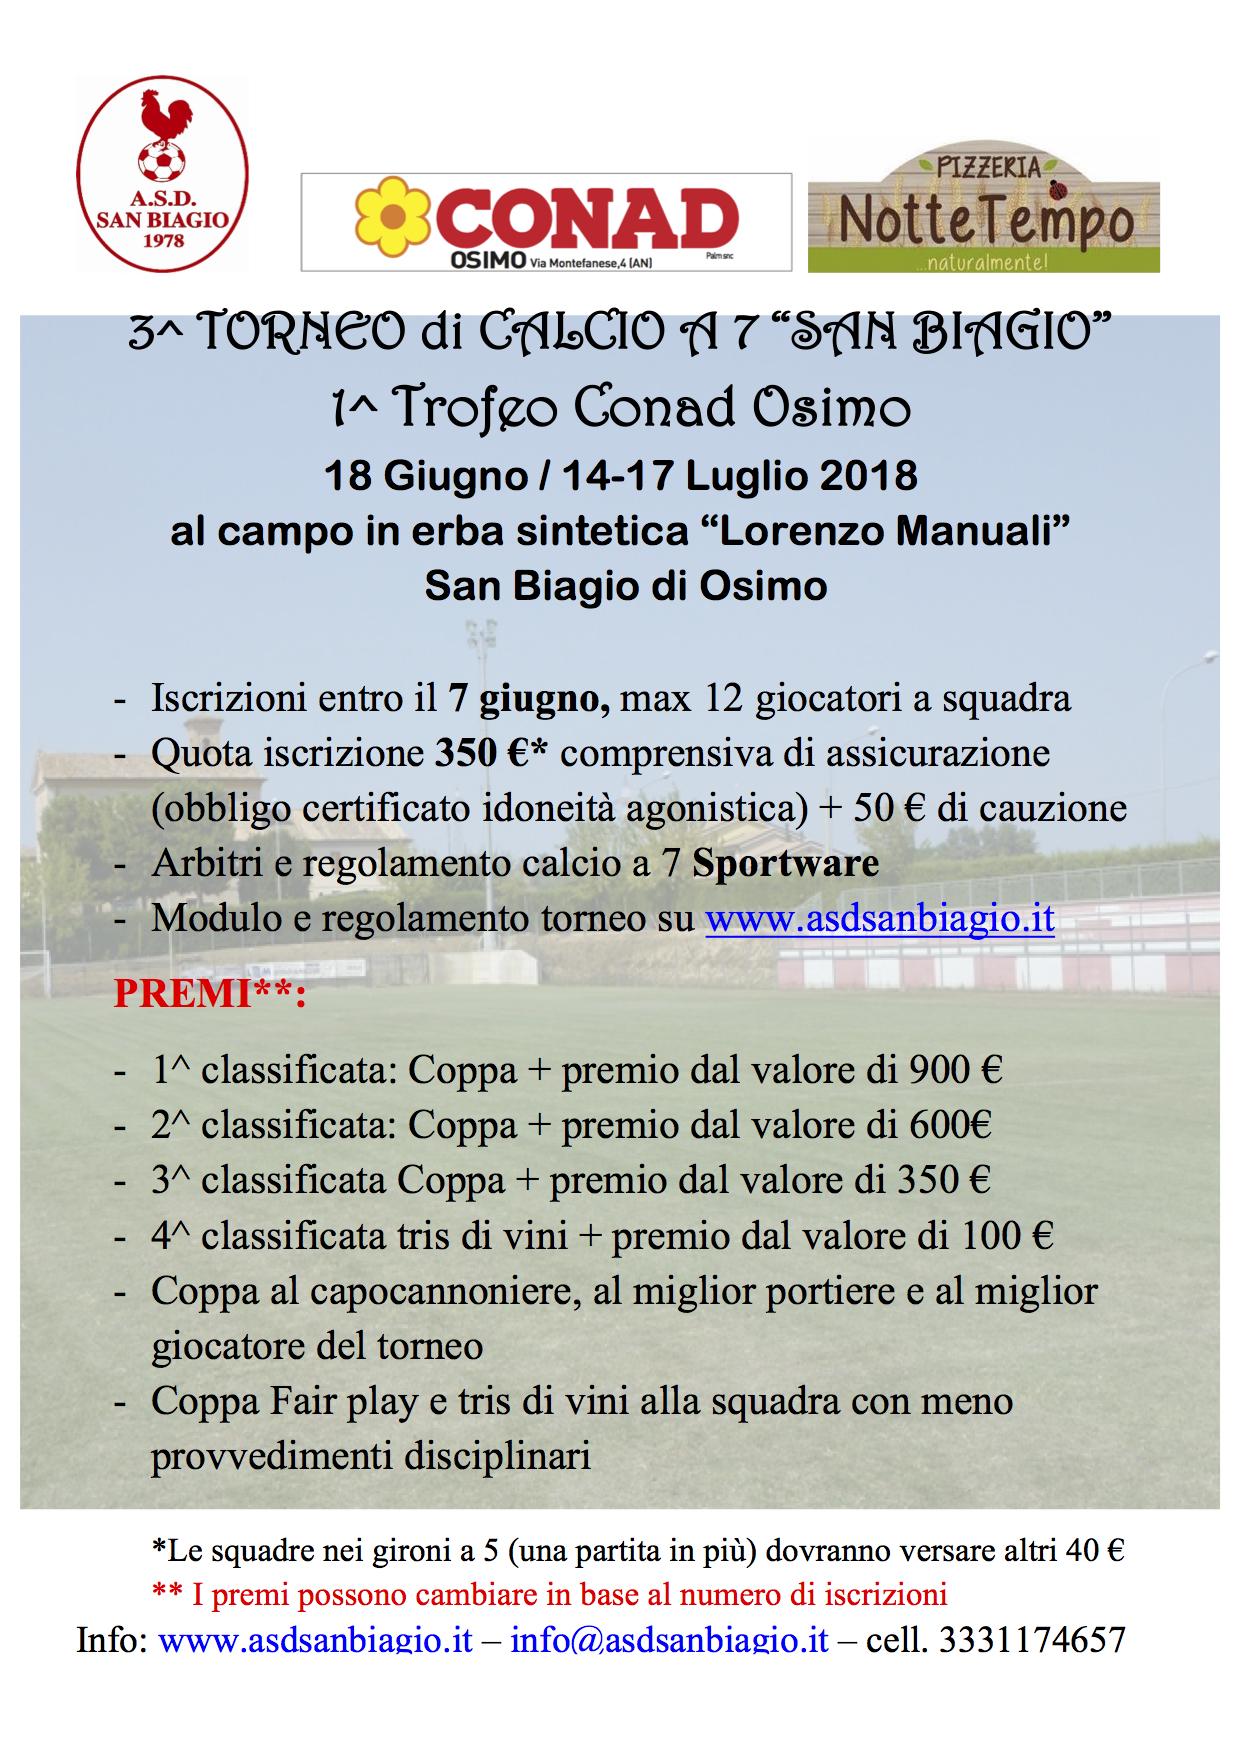 Calendario Torneo A 7 Squadre.Ecco Il Calendario Del 3 Torneo C 7 San Biagio Primo Trofeo